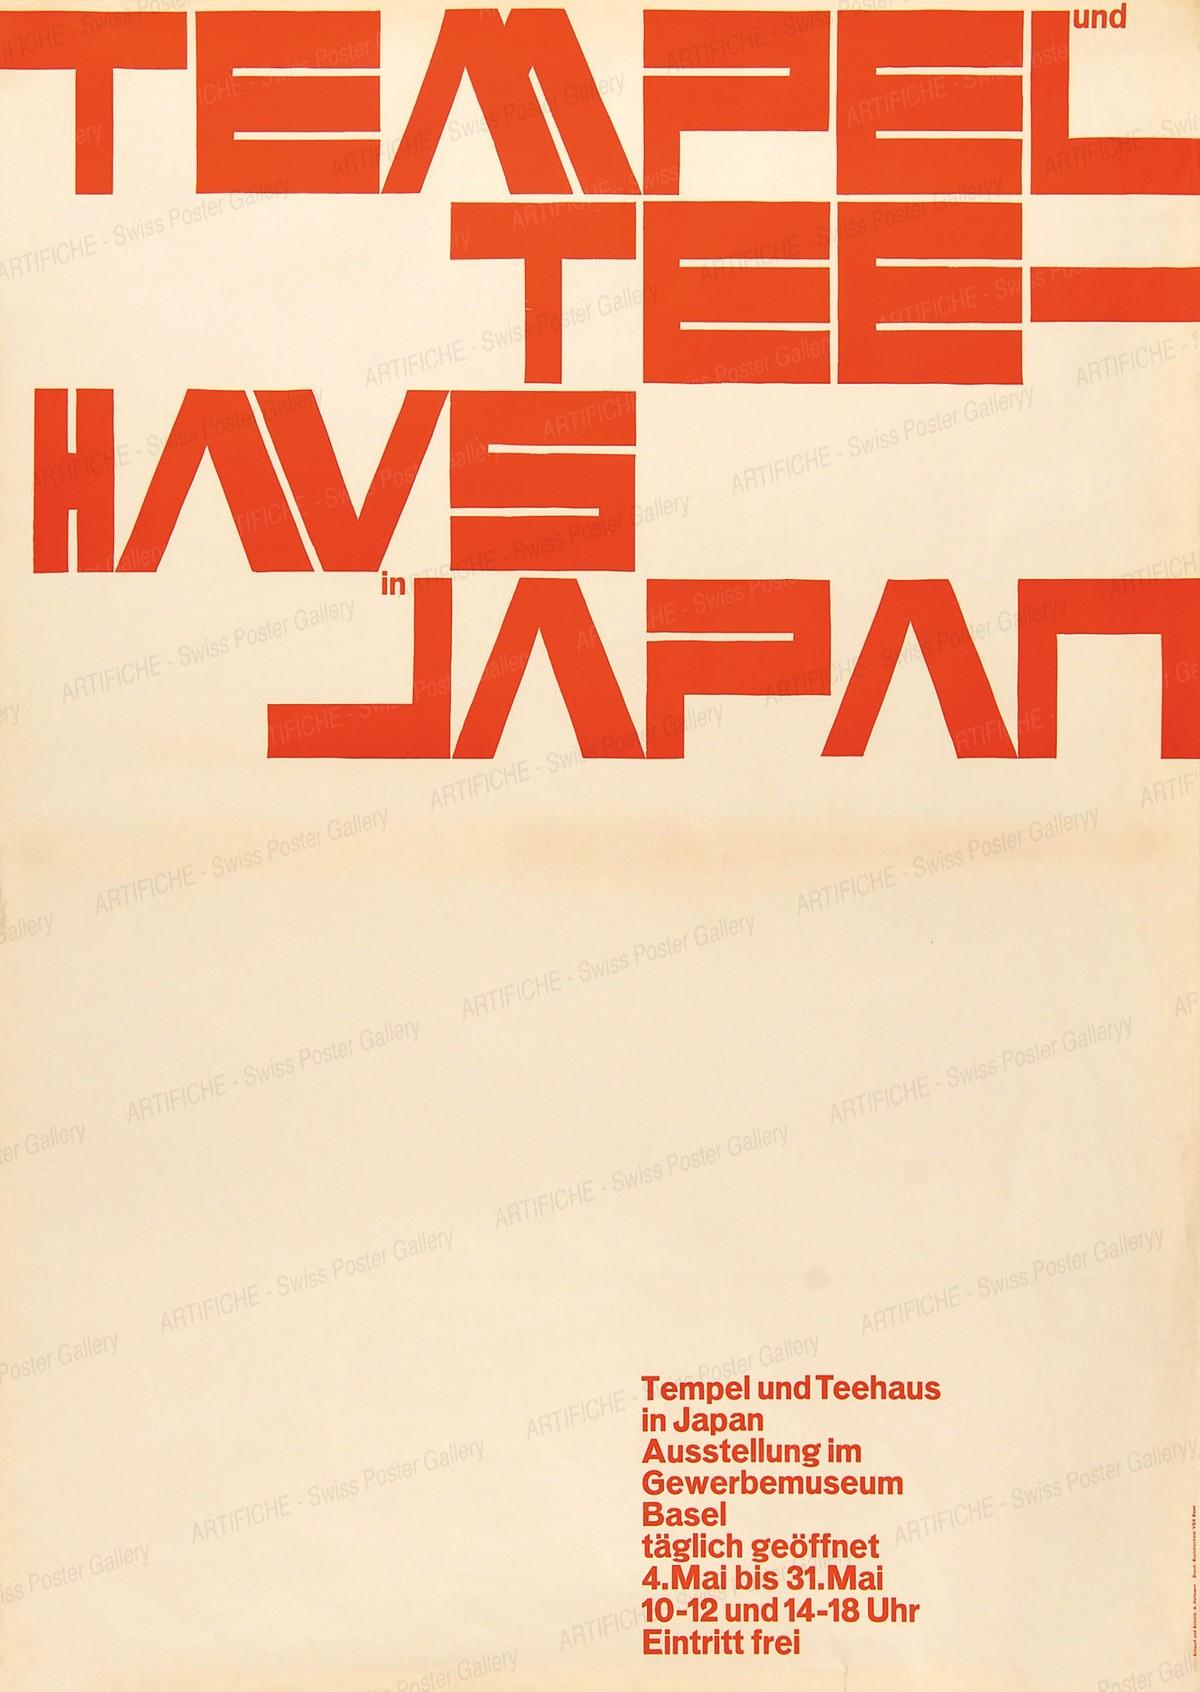 TEMPEL und TEEHAUS in JAPAN – Ausstellung im Gewerbemuseum Basel, Armin Hofmann